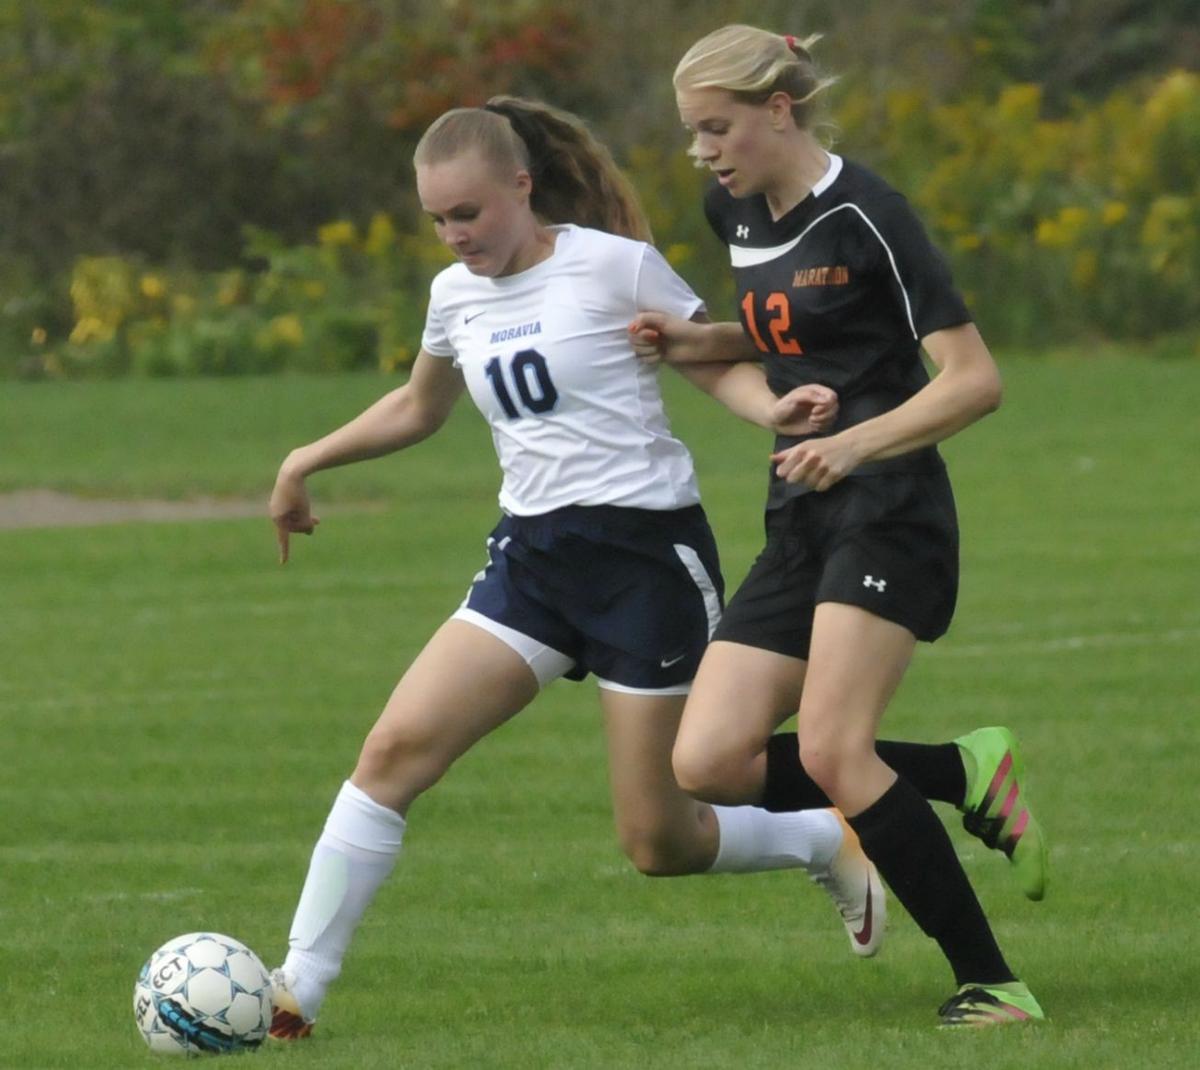 Moravia girls soccer